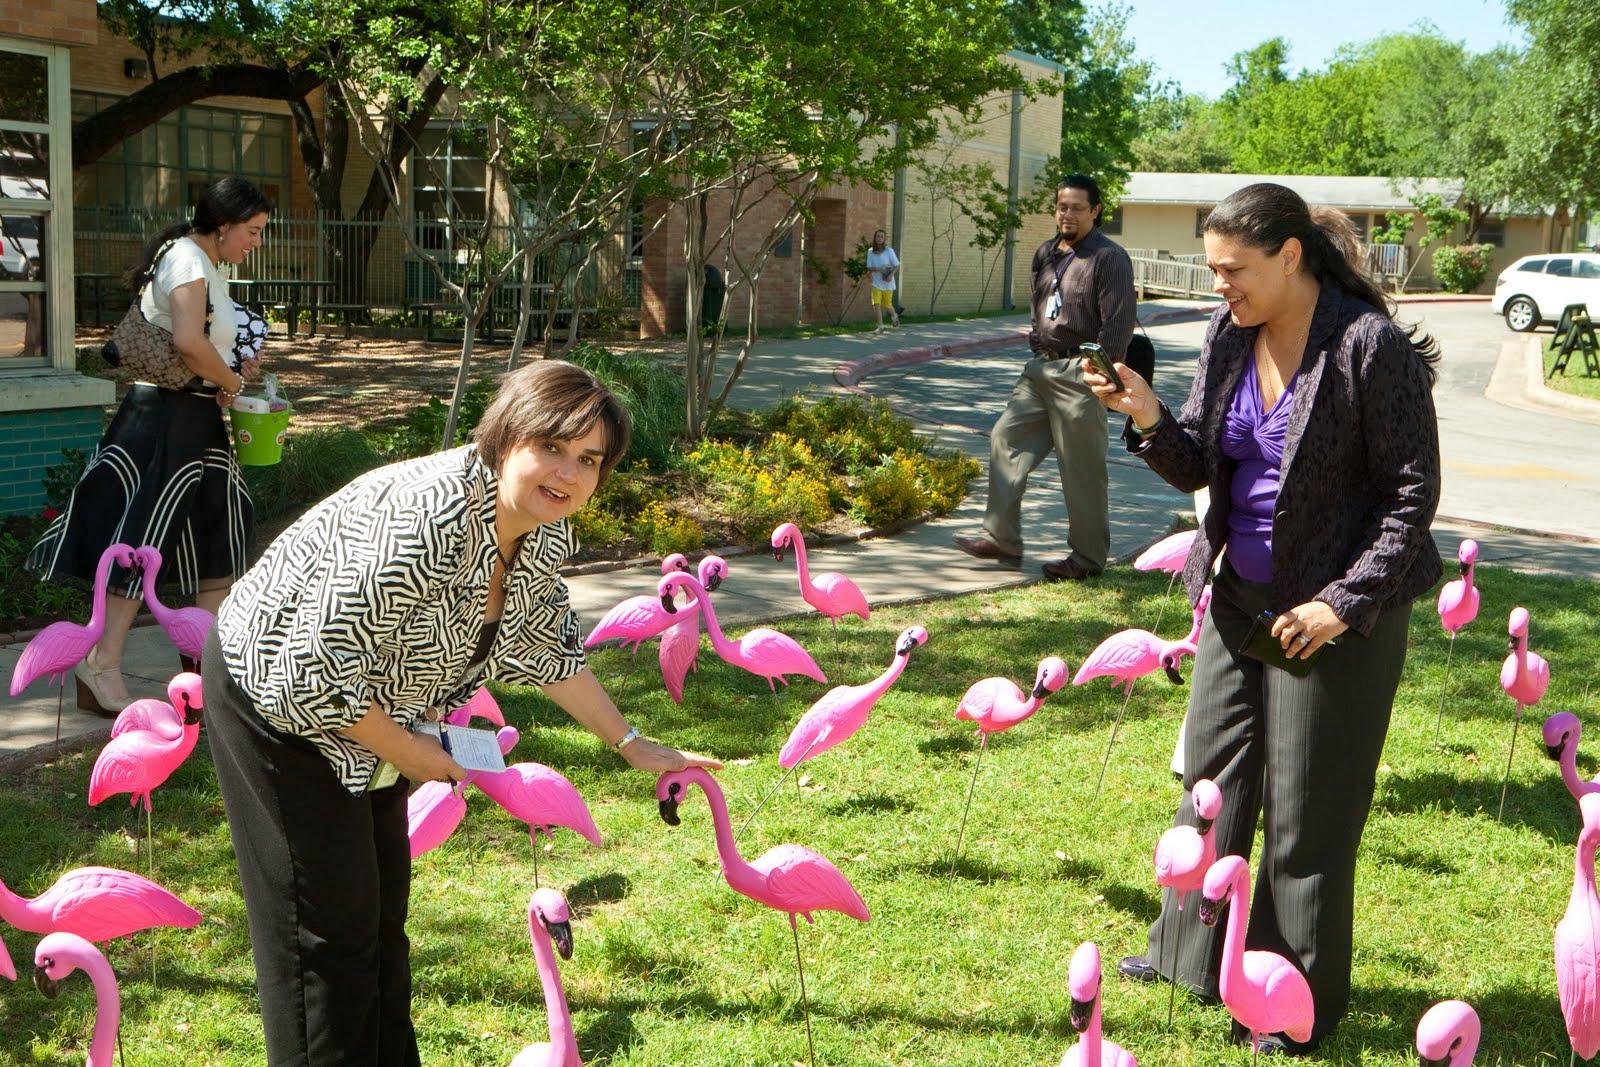 http://1.bp.blogspot.com/_Je61dAhO05U/S_G7a3XiI8I/AAAAAAAAAtI/wIjRyEHHgAI/s1600/Bryker+flamingos+with+Dr+C.jpg